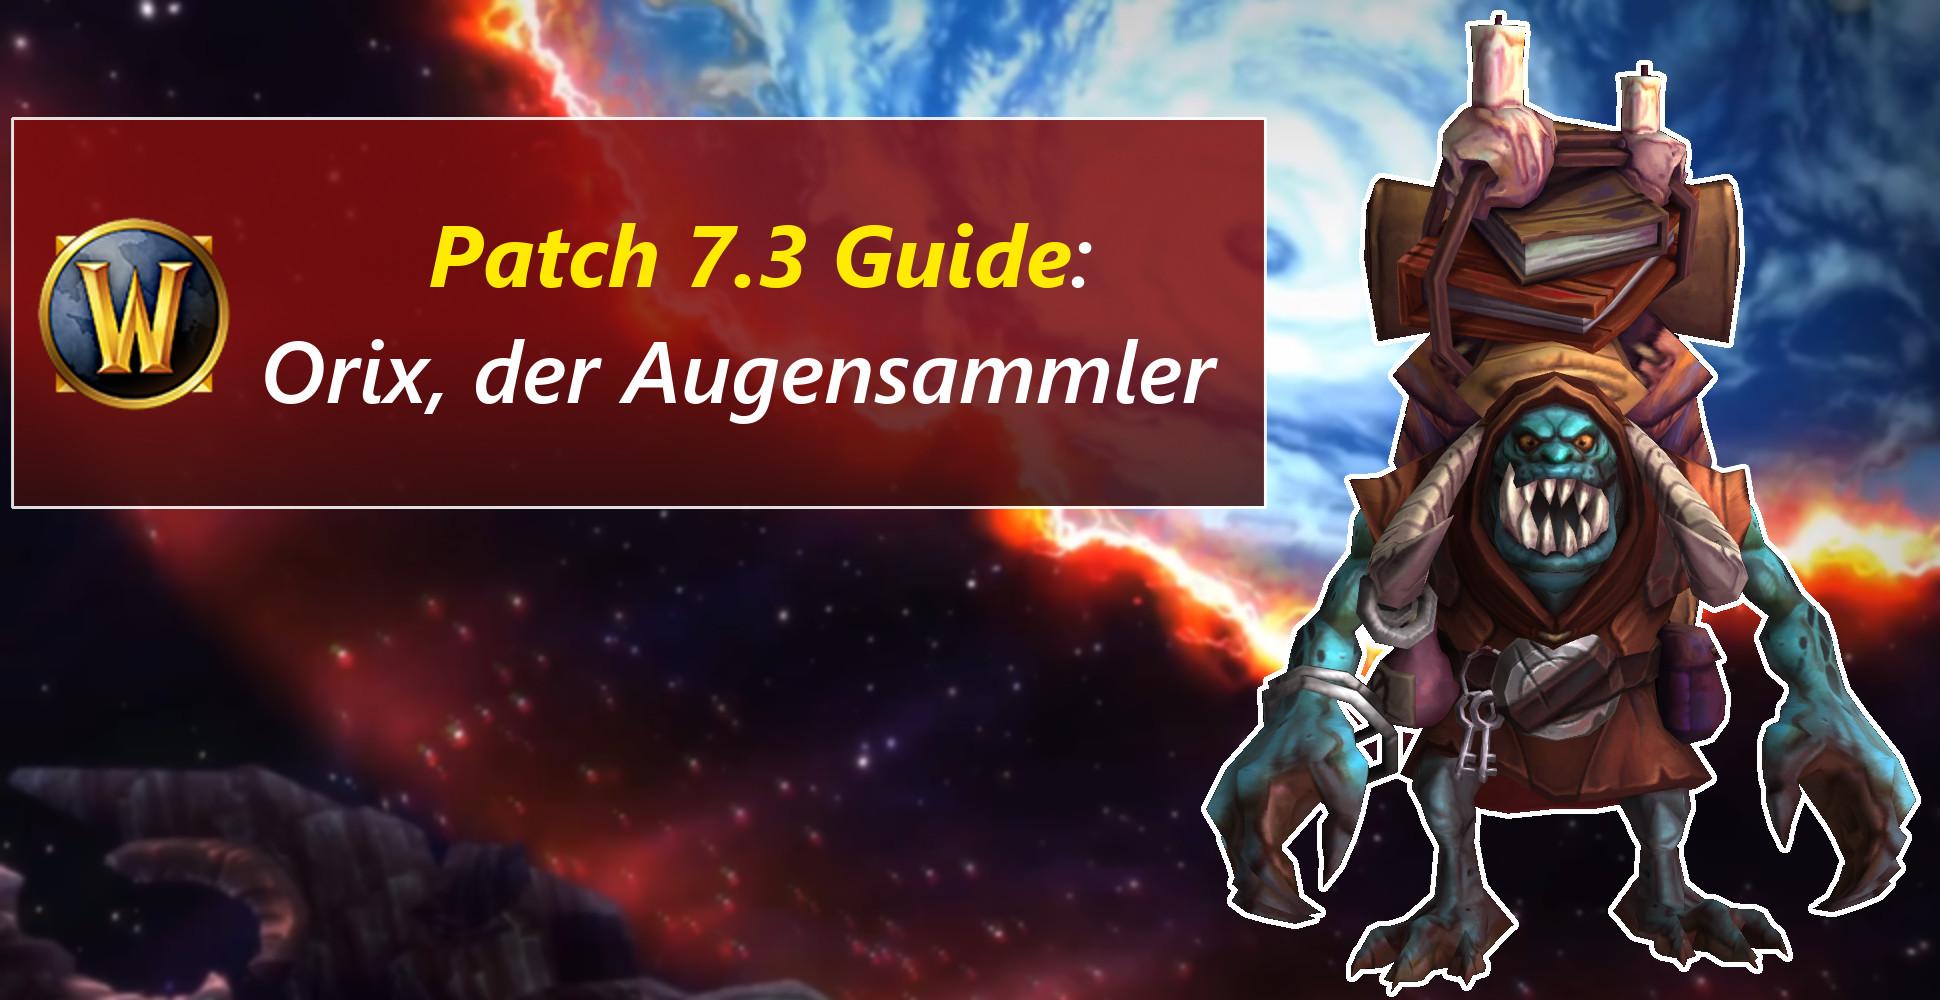 Argus-Händler WoW – Augensammler Orix will Intakte Dämonenaugen